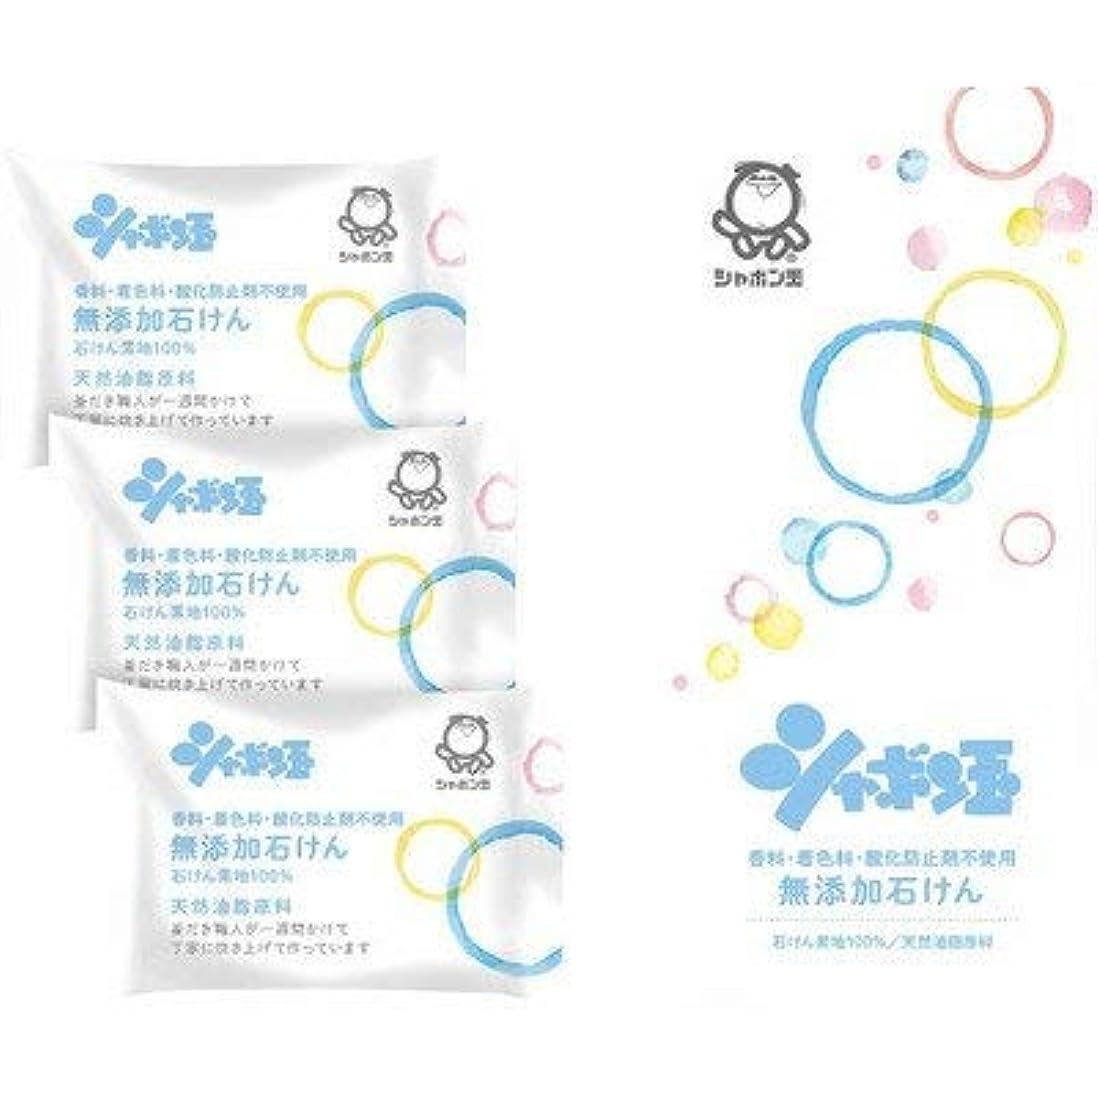 パフ一時解雇するしみ【ギフトセット】 シャボン玉無添加石鹸ギフトセット SMG-5B